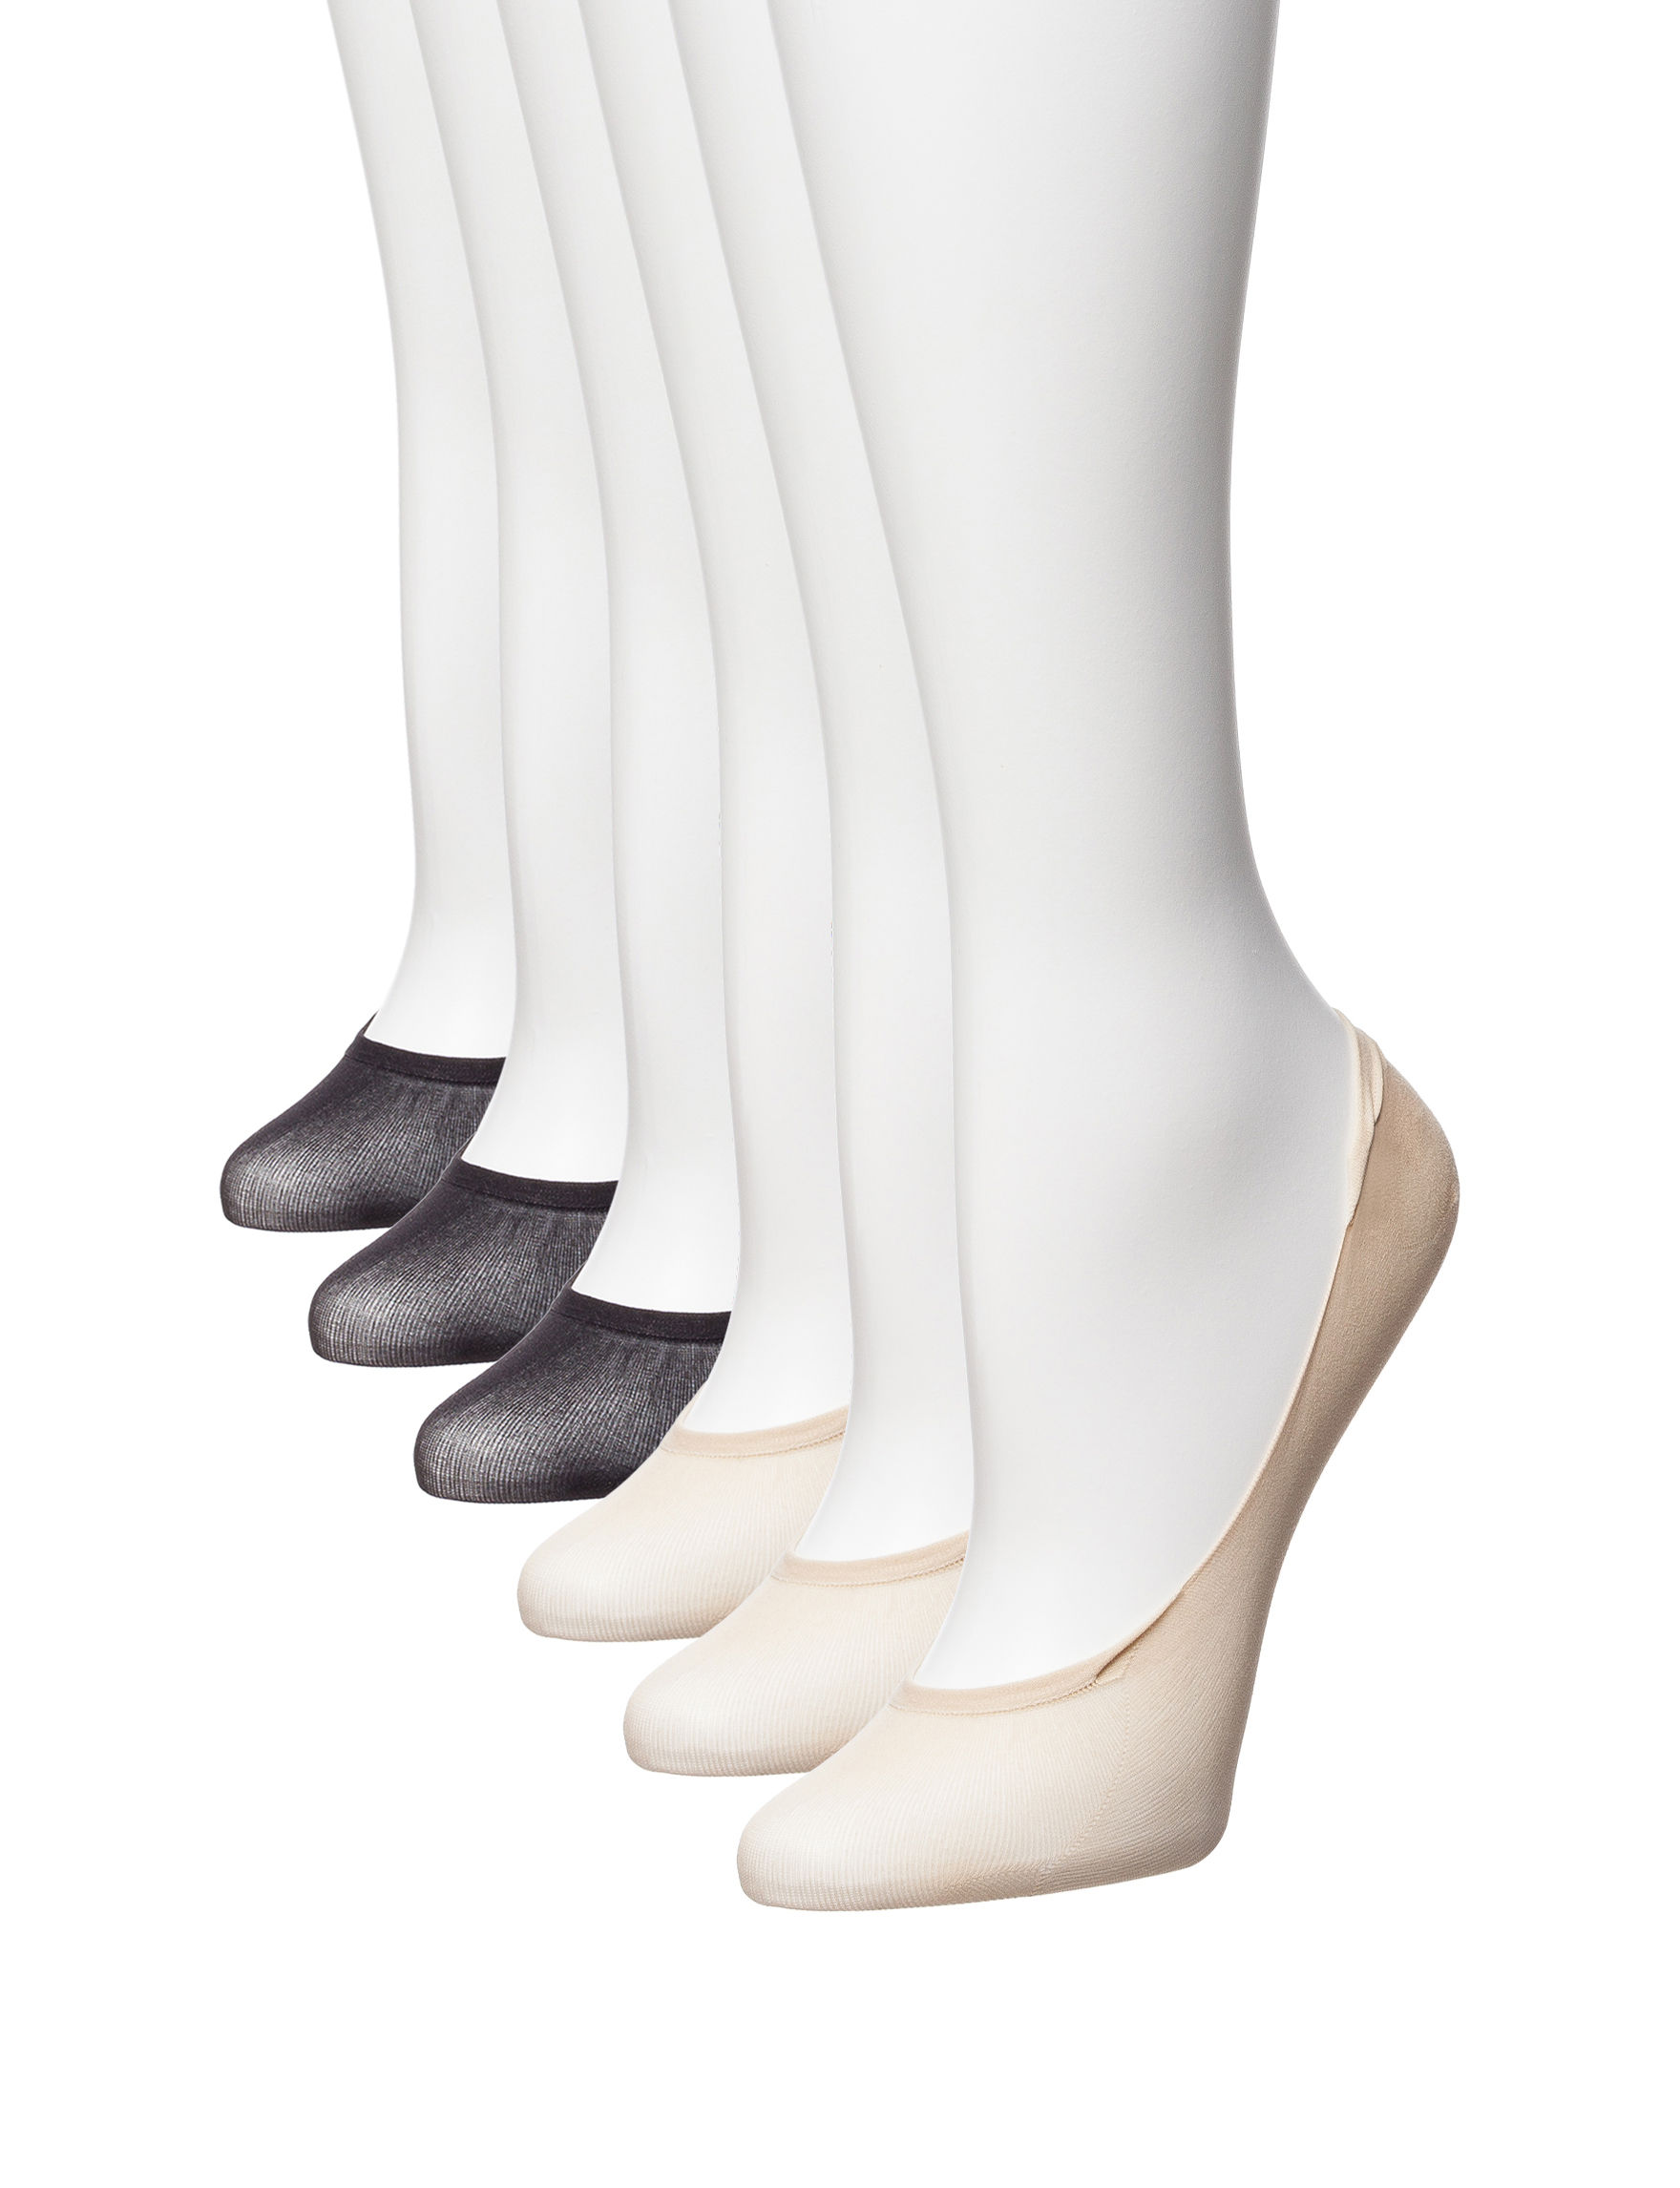 Hue White Socks